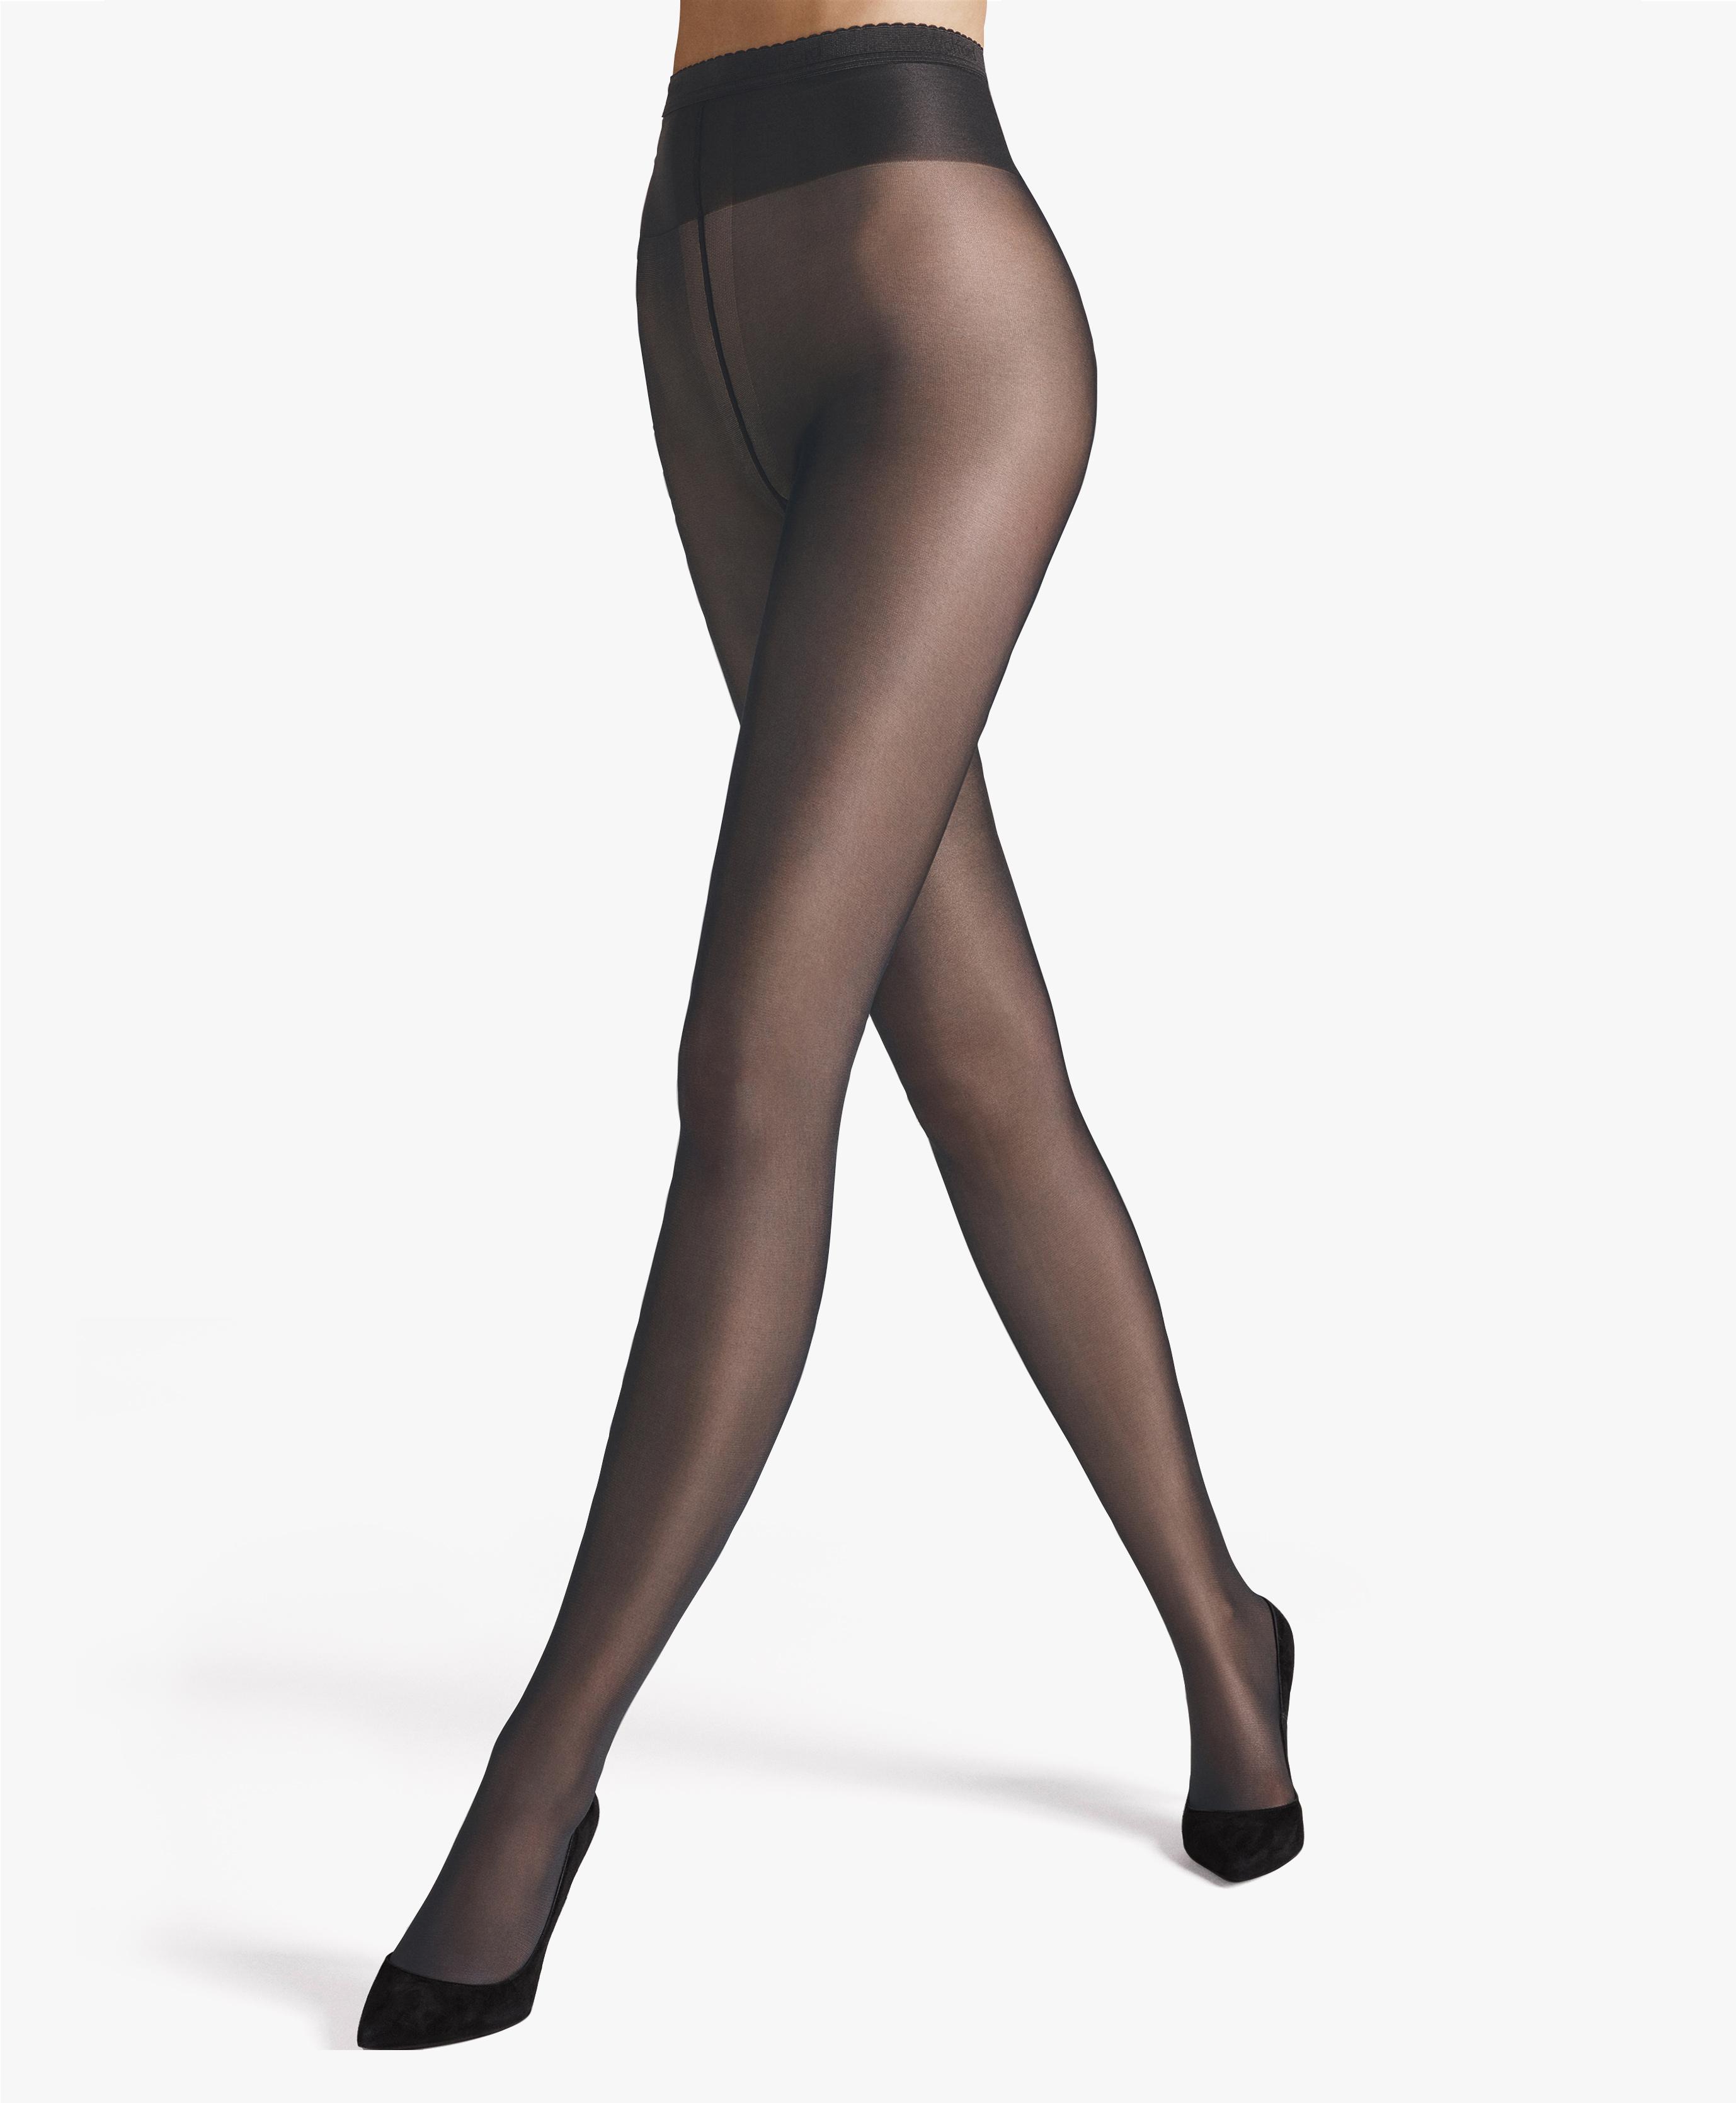 RRP £5 Sock Shop 15 Denier Invisible Slimming Tights Medium Natural